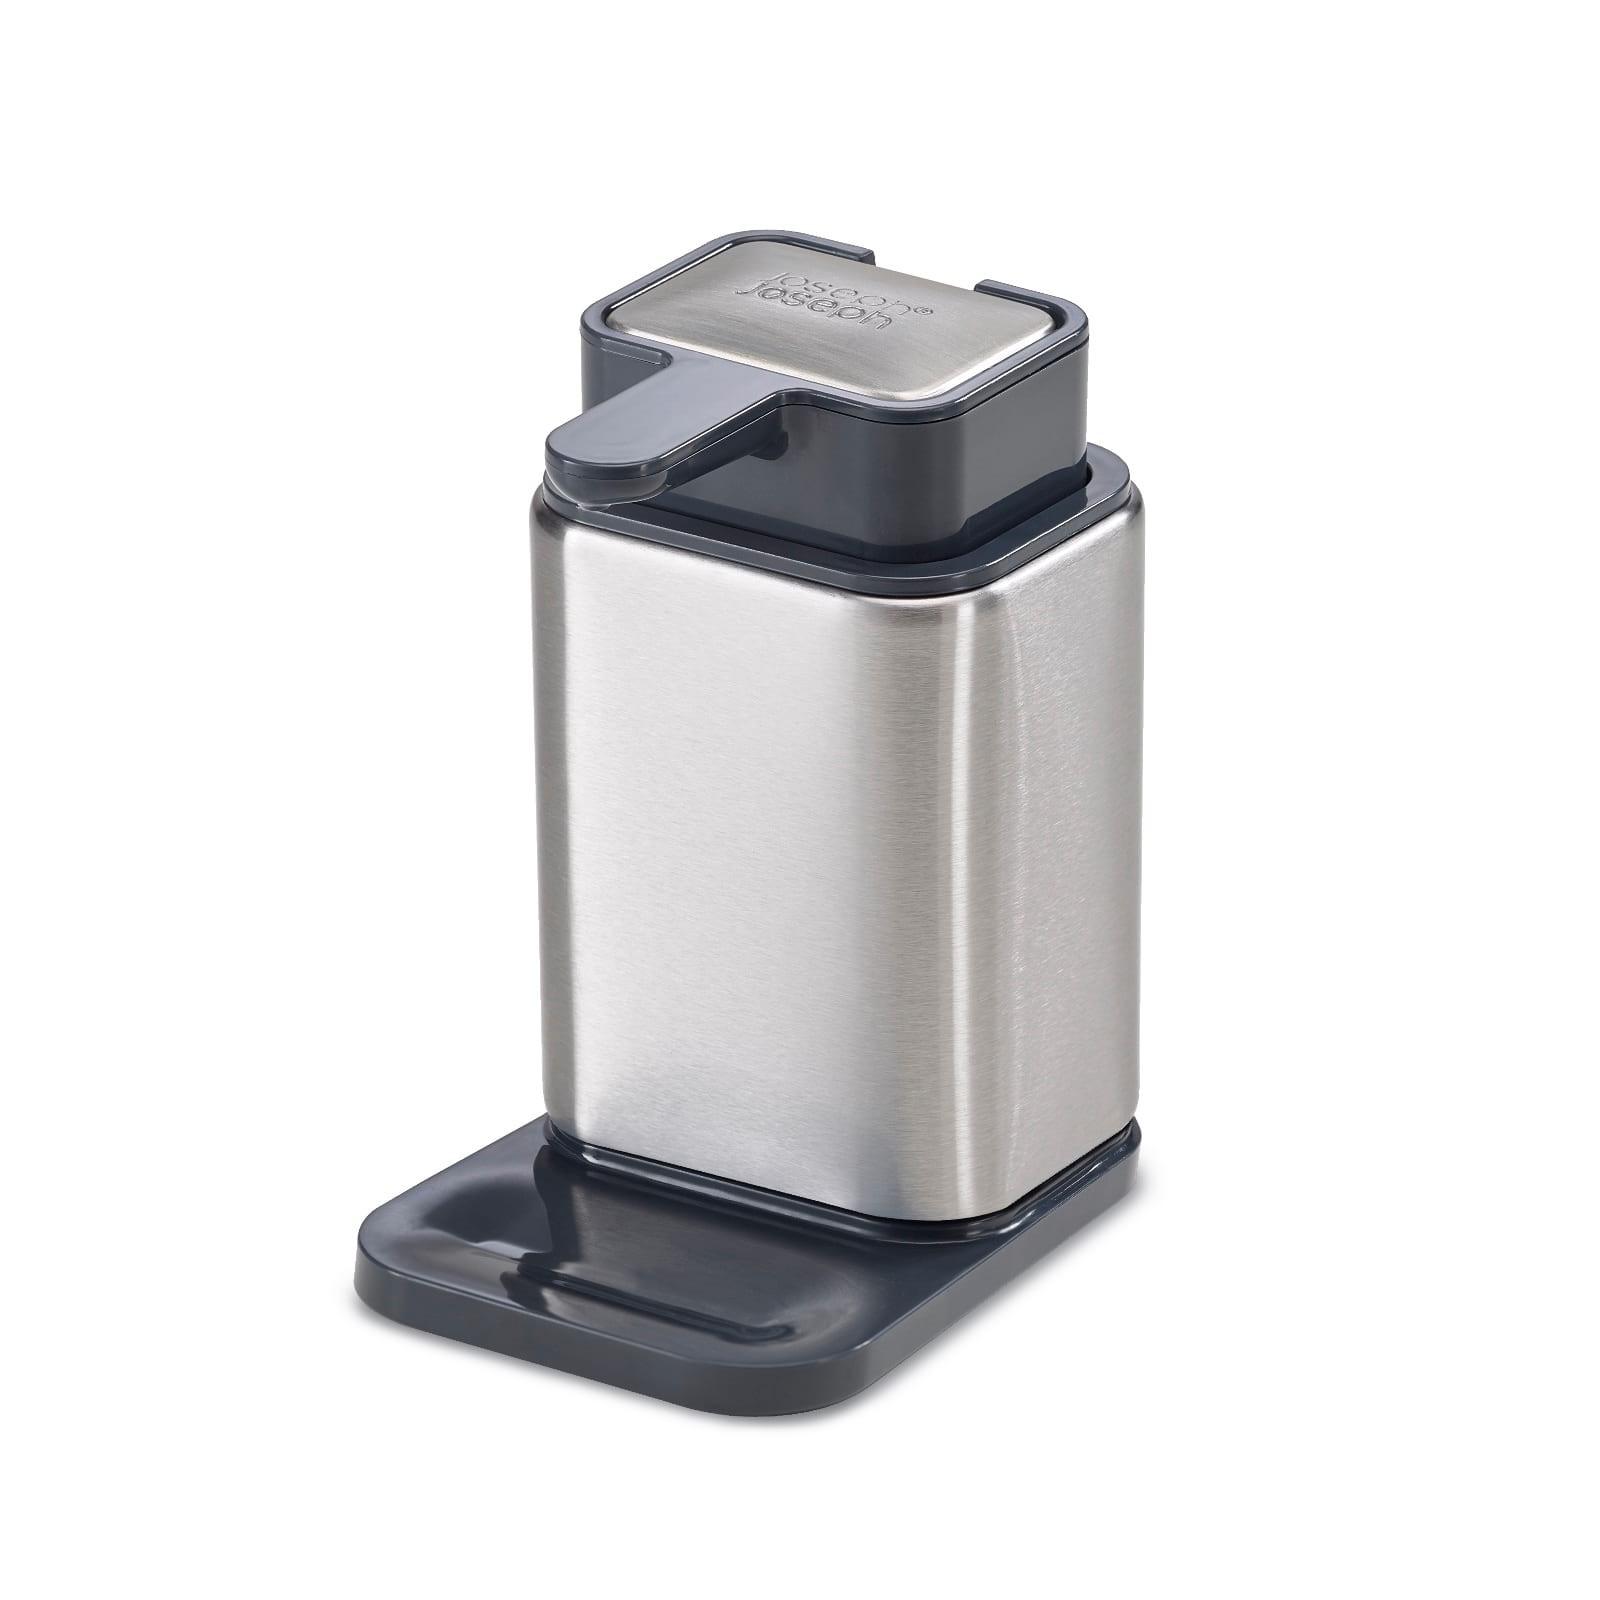 Σετ Αντλία Σαπουνιού & Μεταλλικό Σαπούνι Surface™ - Joseph Joseph